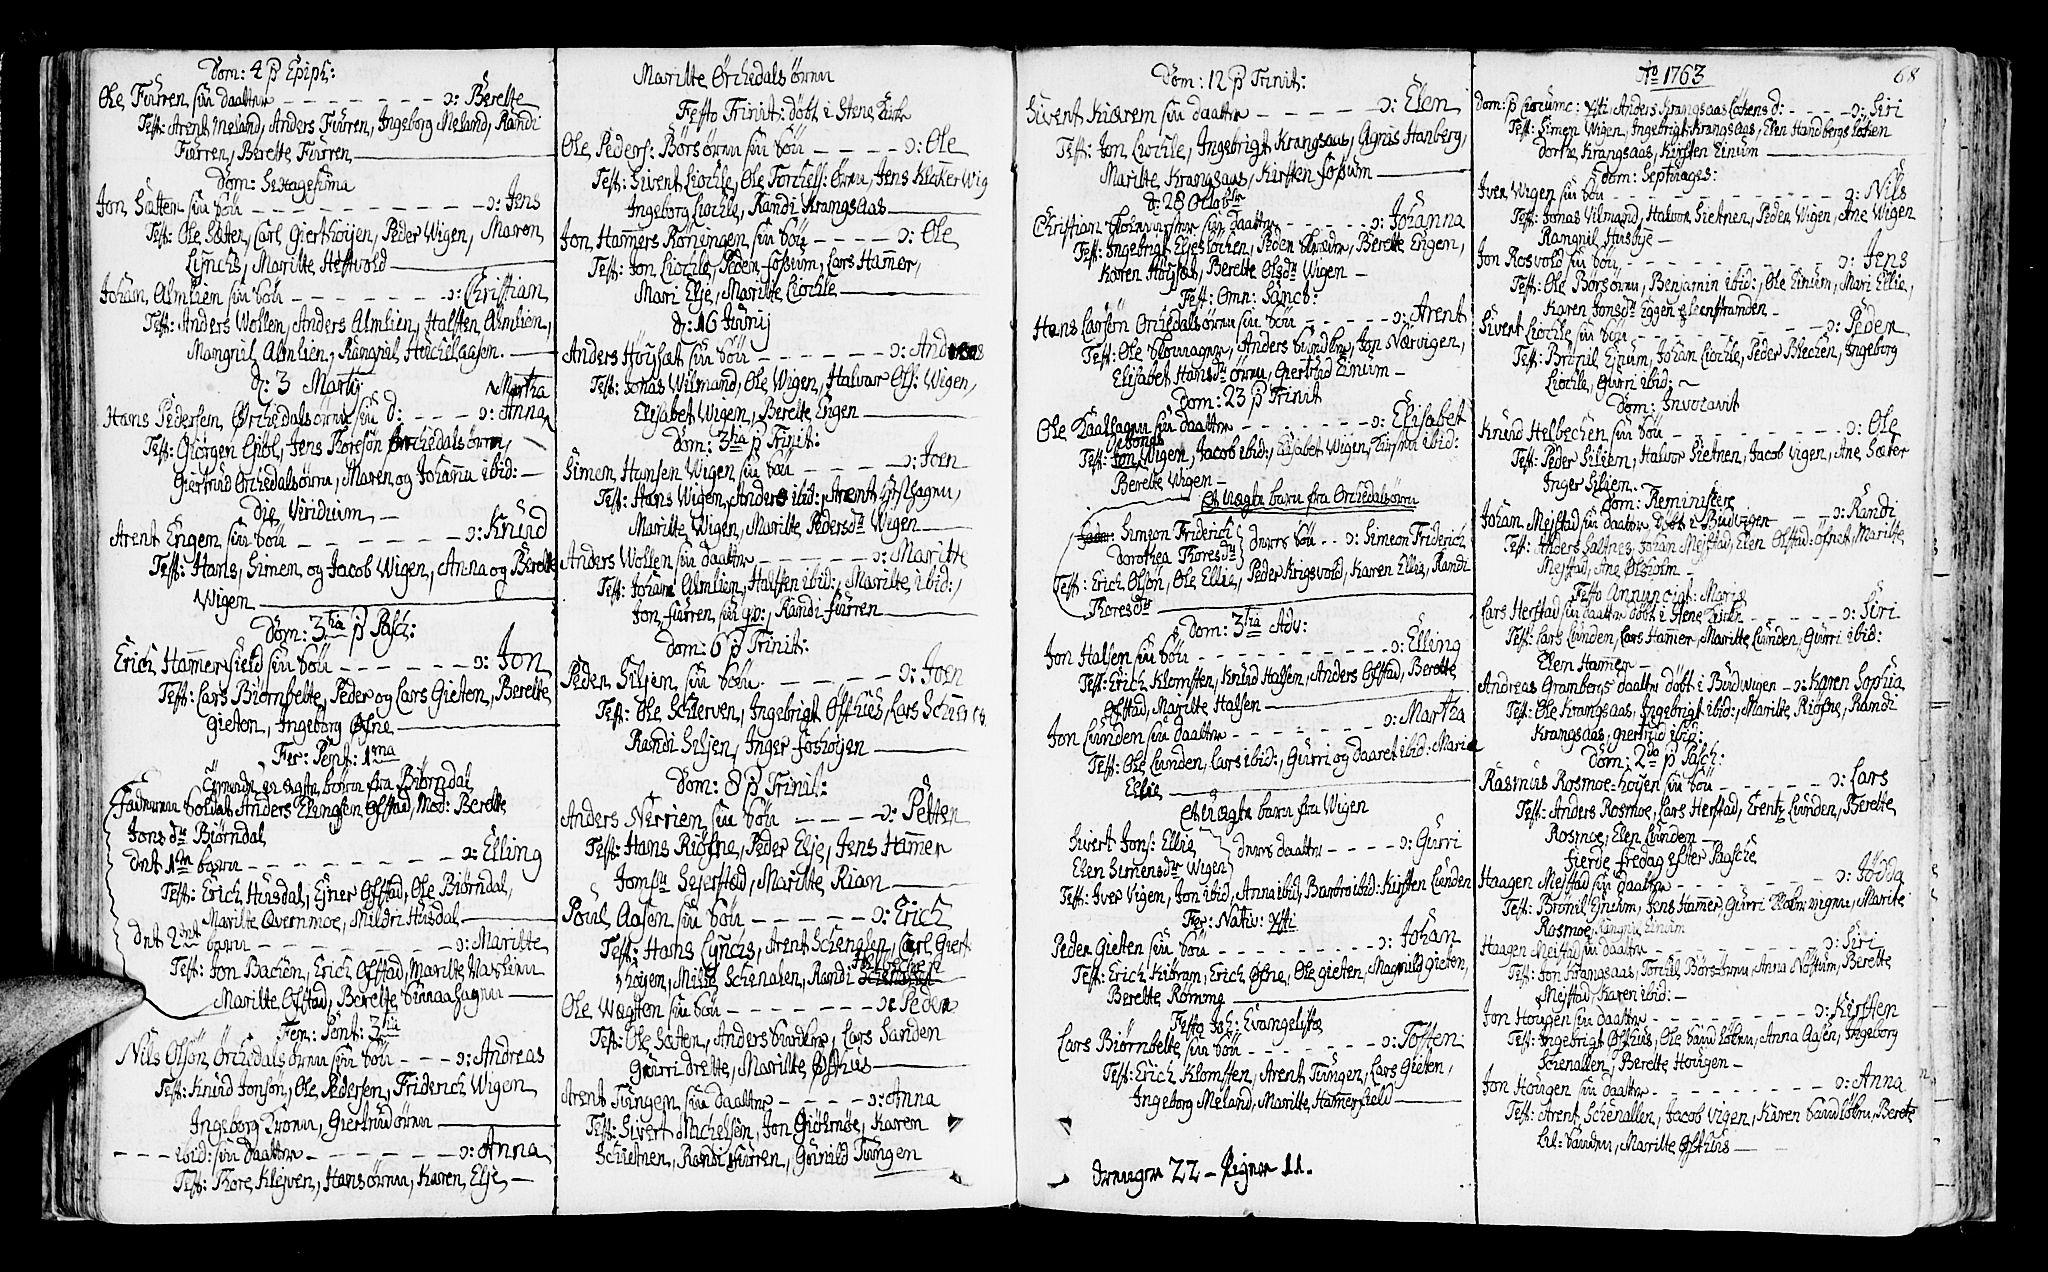 SAT, Ministerialprotokoller, klokkerbøker og fødselsregistre - Sør-Trøndelag, 665/L0768: Ministerialbok nr. 665A03, 1754-1803, s. 68